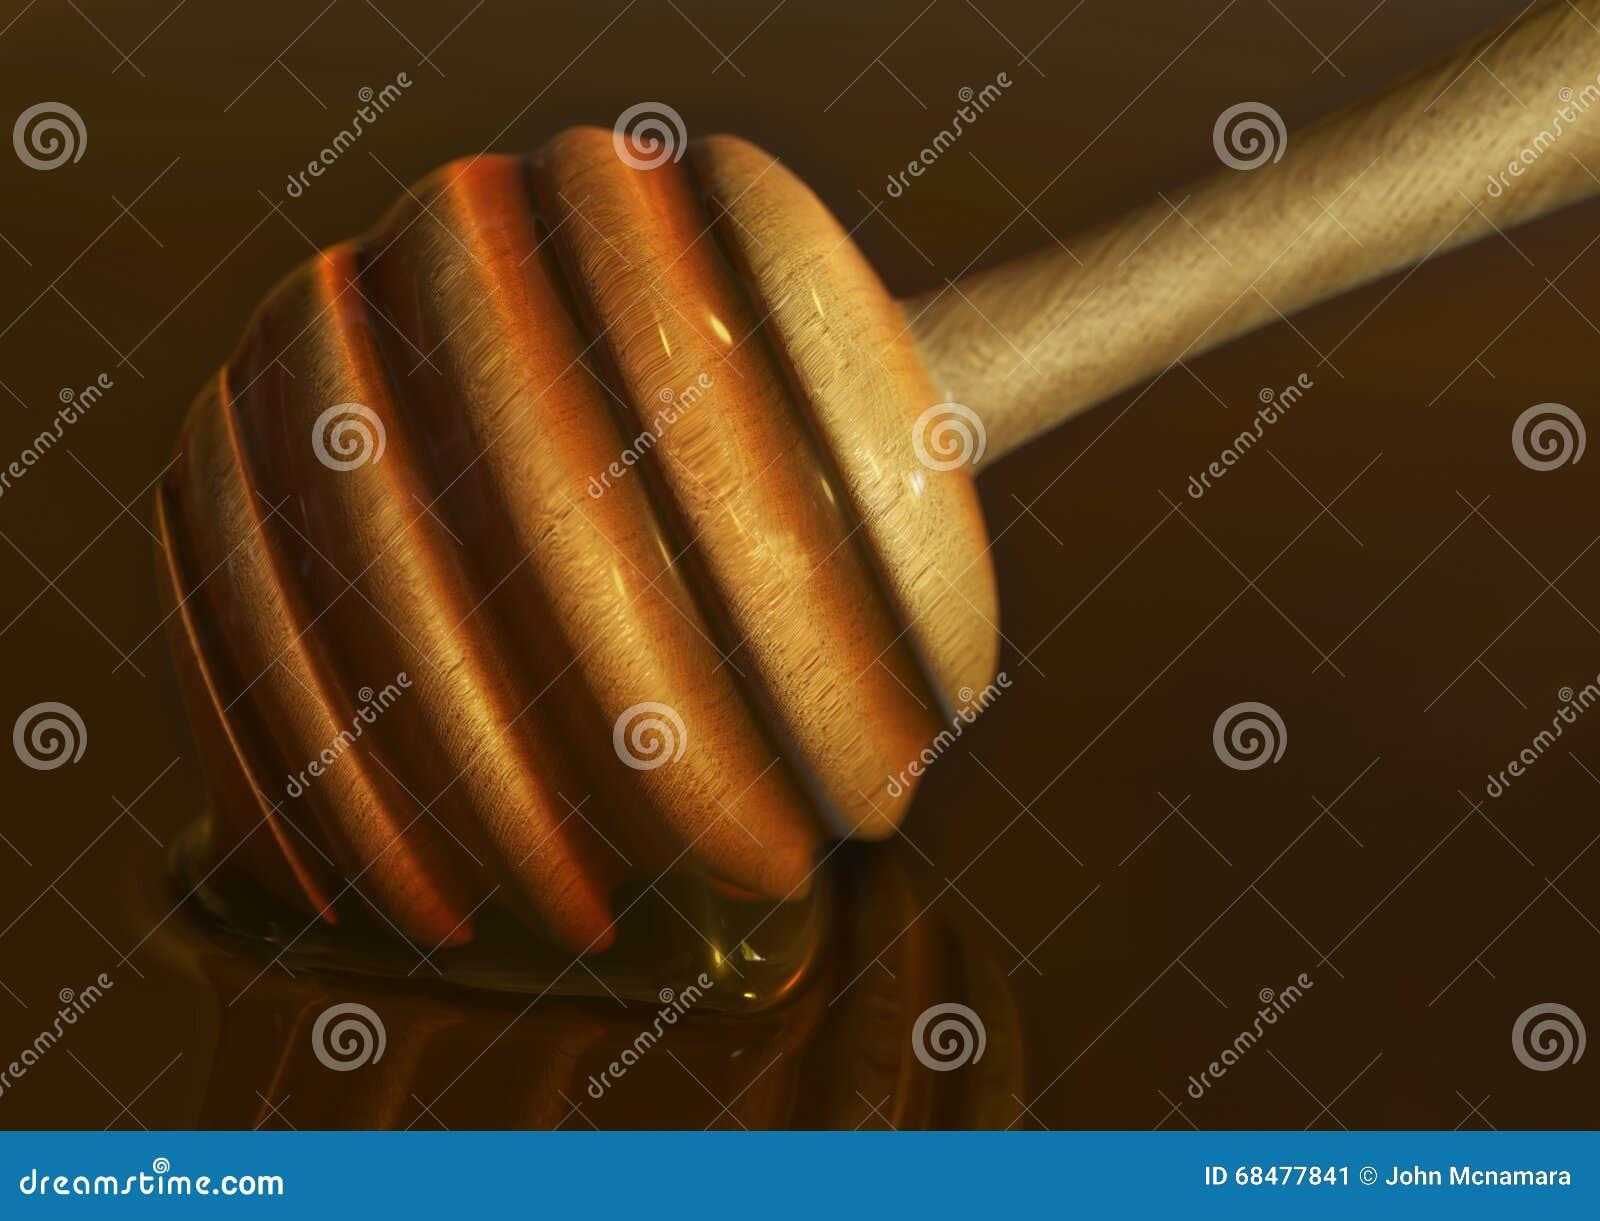 Ein Honigschopfloffel Oder Stab Tauchten Herein Dick Glatter Goldener Honig